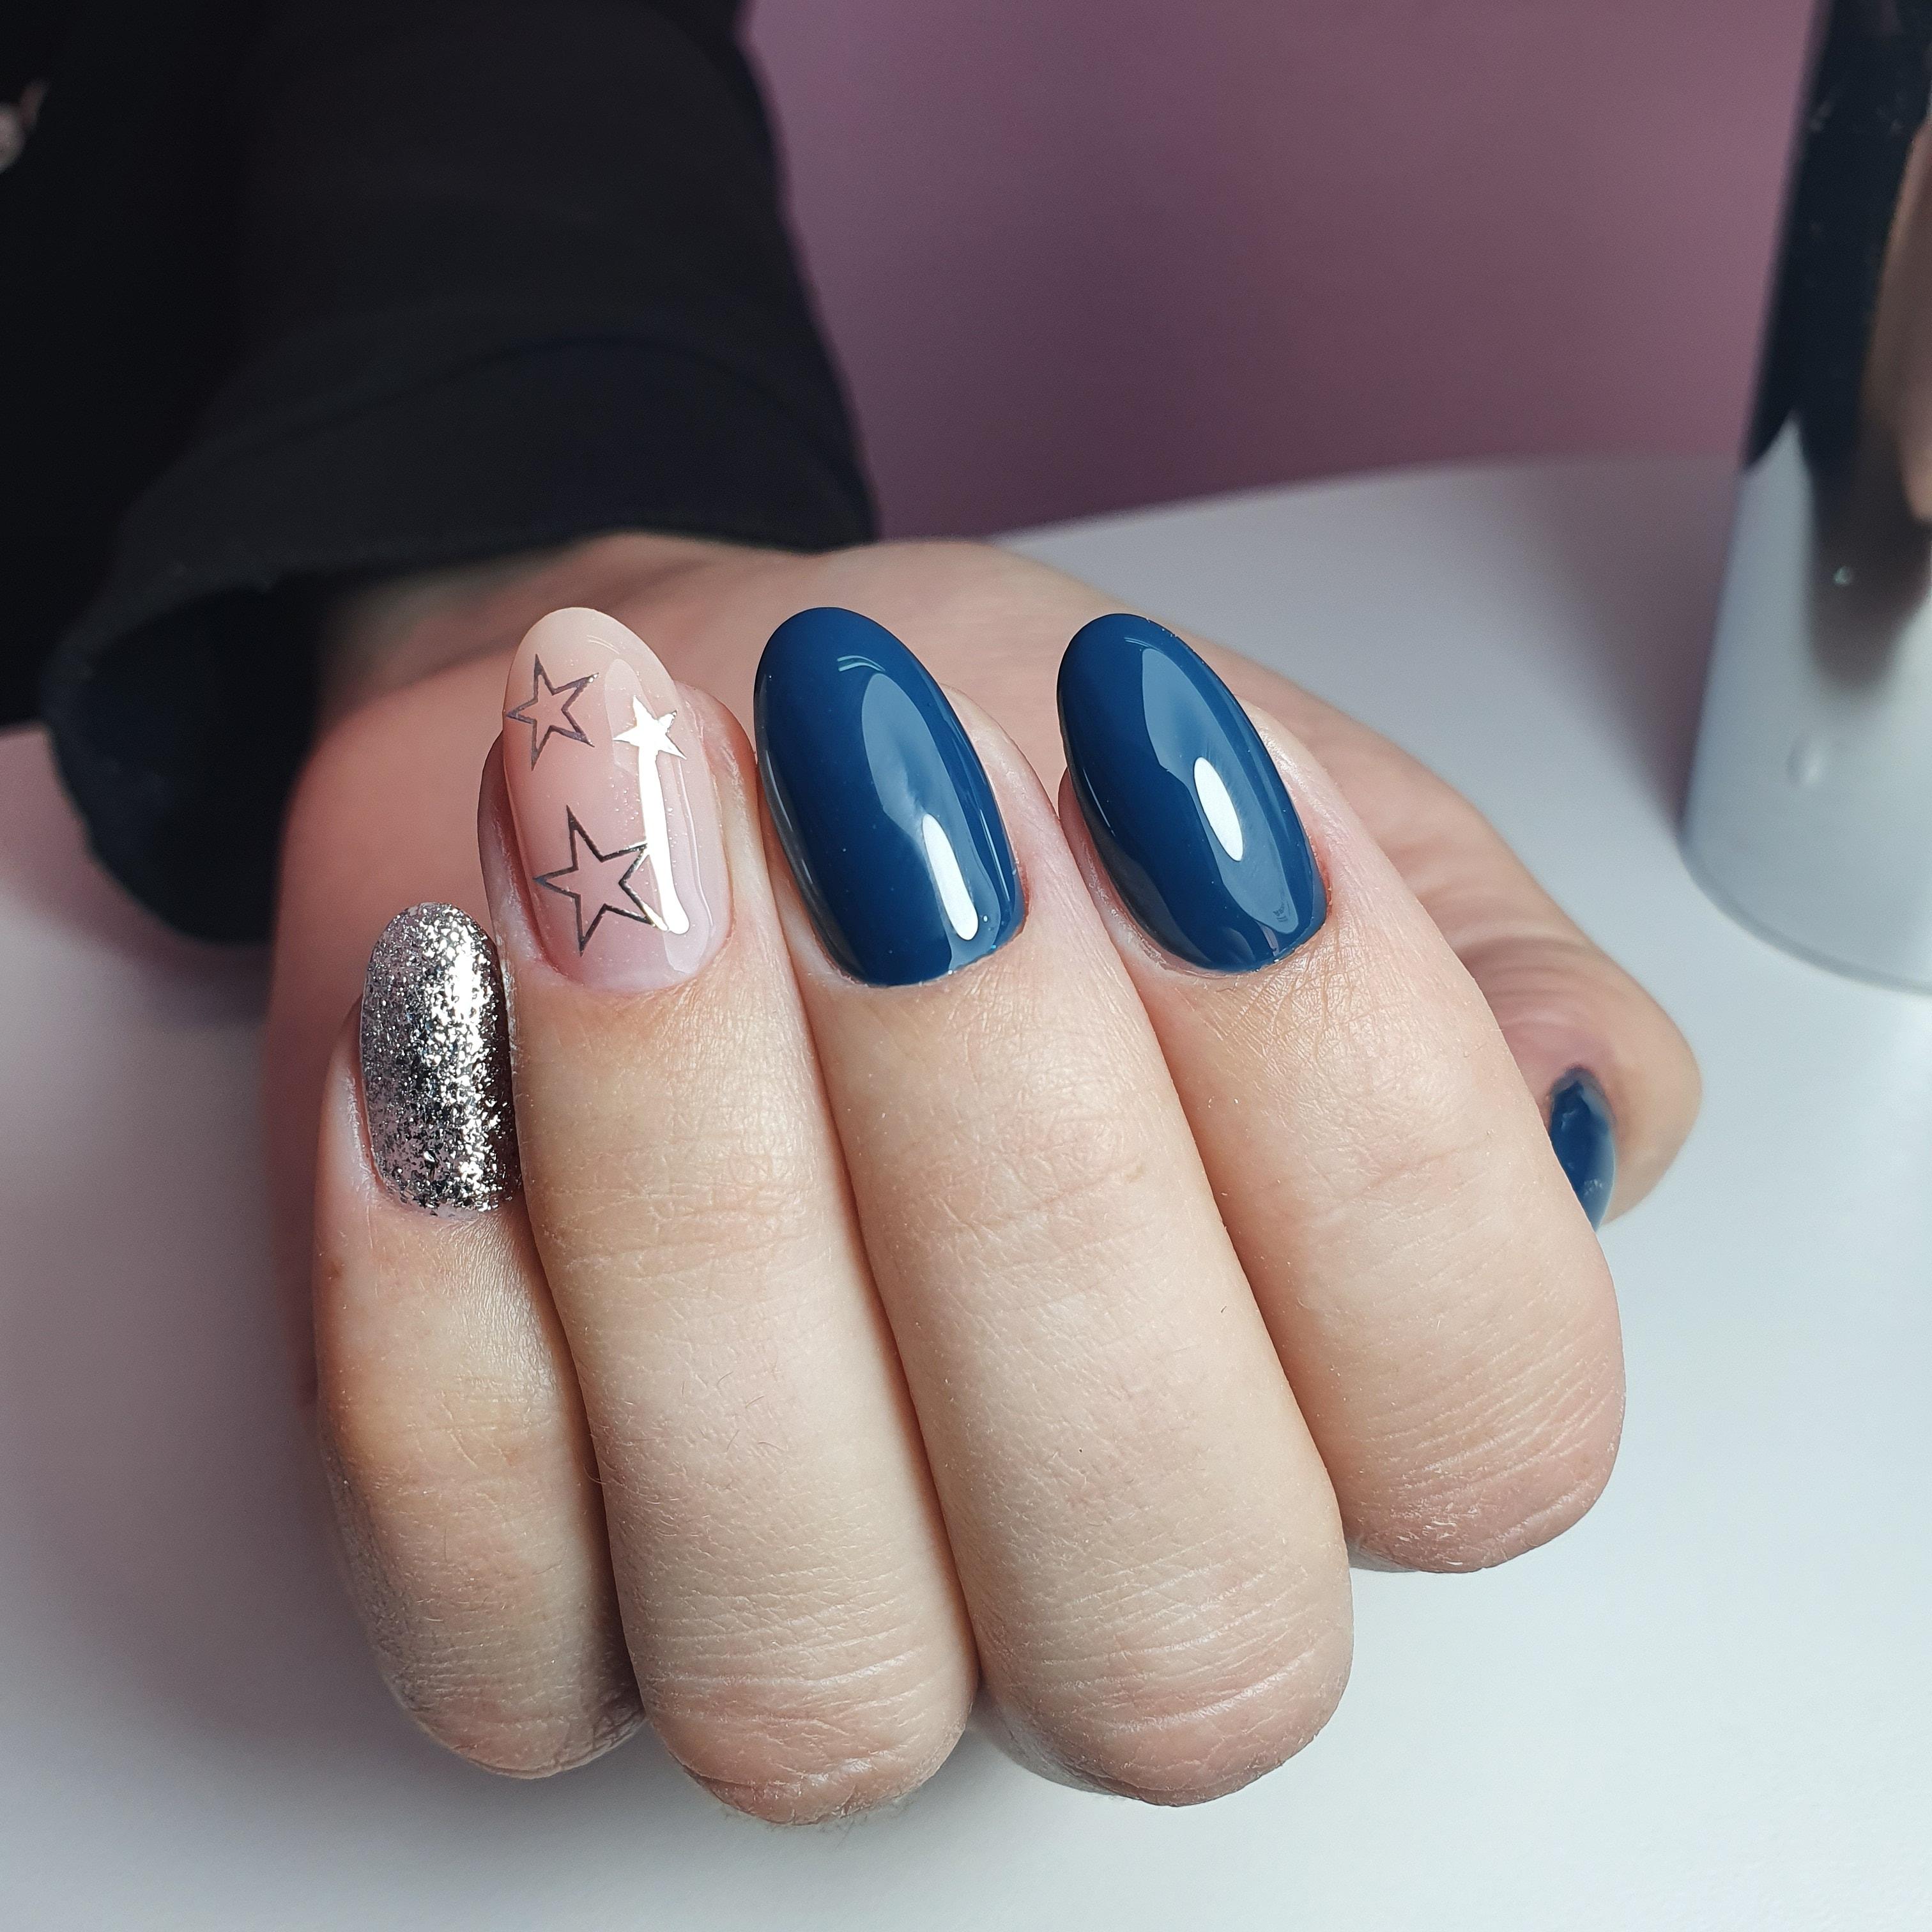 Маникюр со звездочками и серебряными блестками в темно-синем цвете.